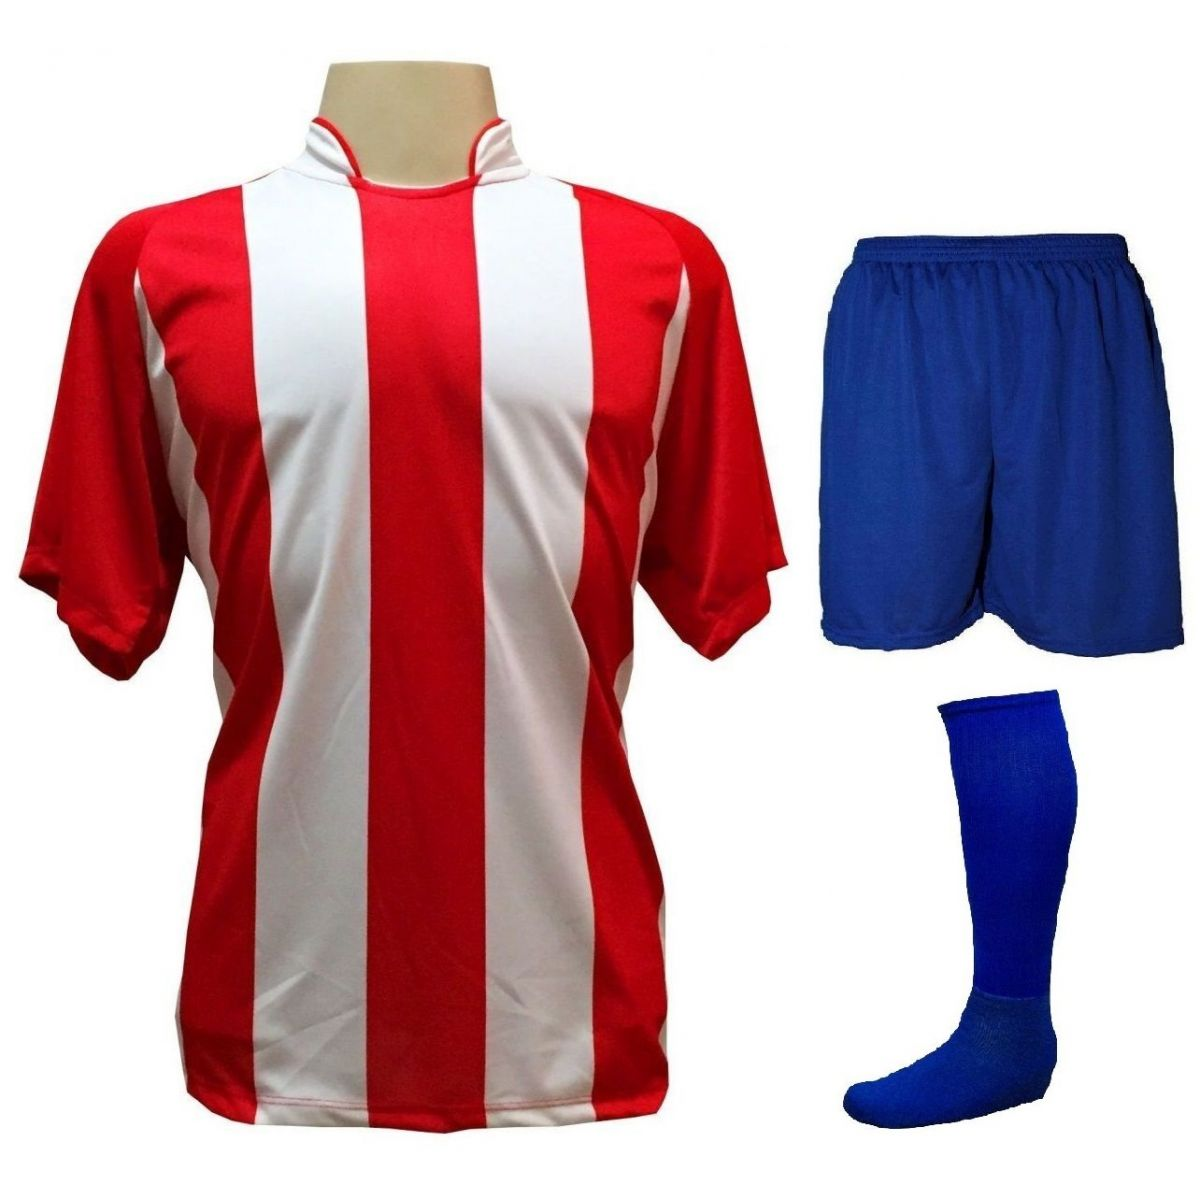 Fardamento Completo modelo Milan 20+1 (20 camisas Vermelho/Branco + 20 calções modelo Madrid Royal + 20 pares de meiões Royal + 1 conjunto de goleiro) + Brindes